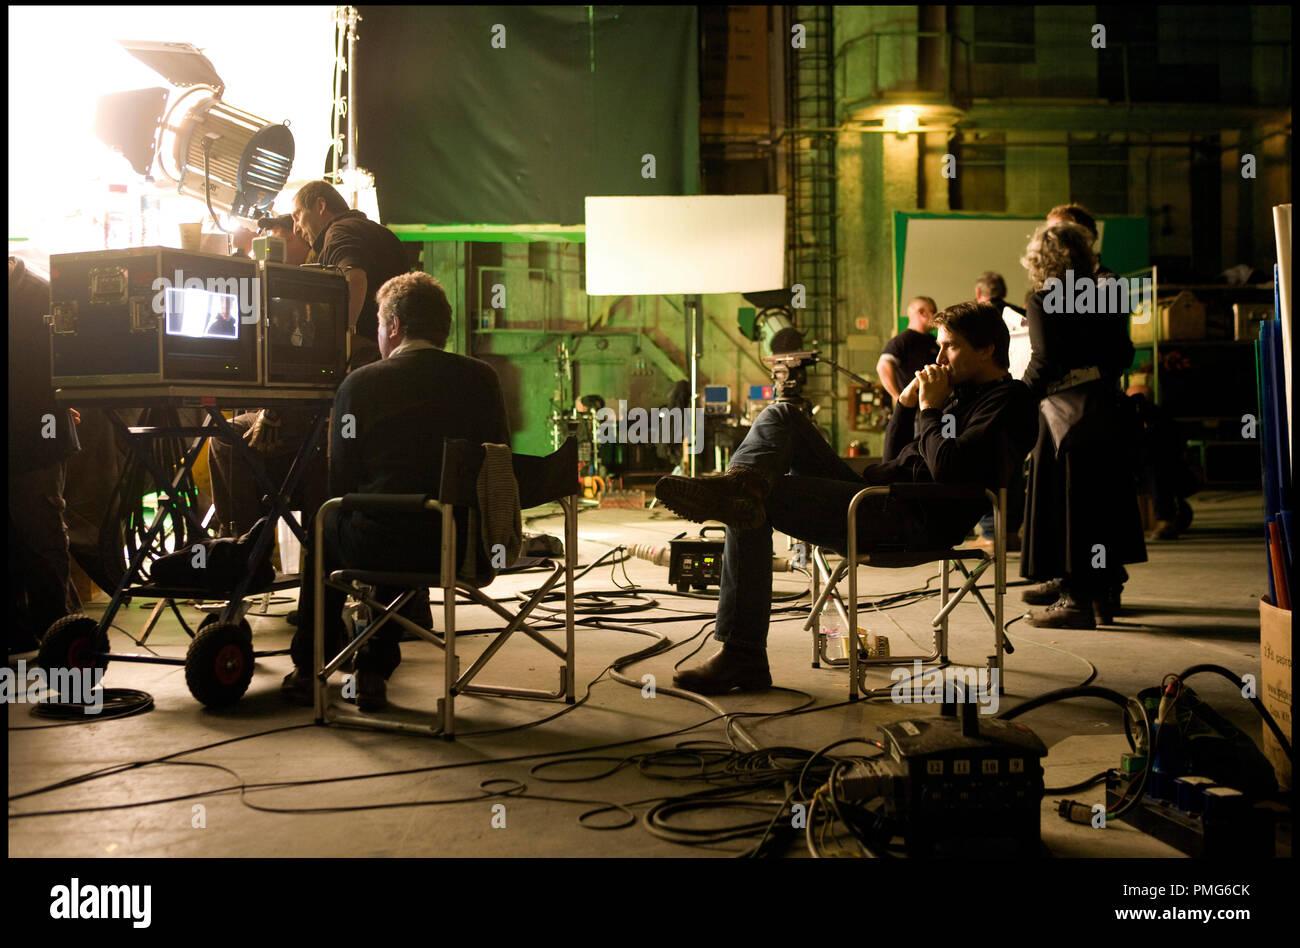 Prod DB © Miramax - Marv Films - Pioneer IMAGES / DR L'AFFAIRE RACHEL SINGER (LA DETTE) de John Madden 2010 États-Unis tournage remake du film LA DETTE (LA DETTE/HA-HOV) de Assaf Bernstein 2007 ISR. Photo Stock